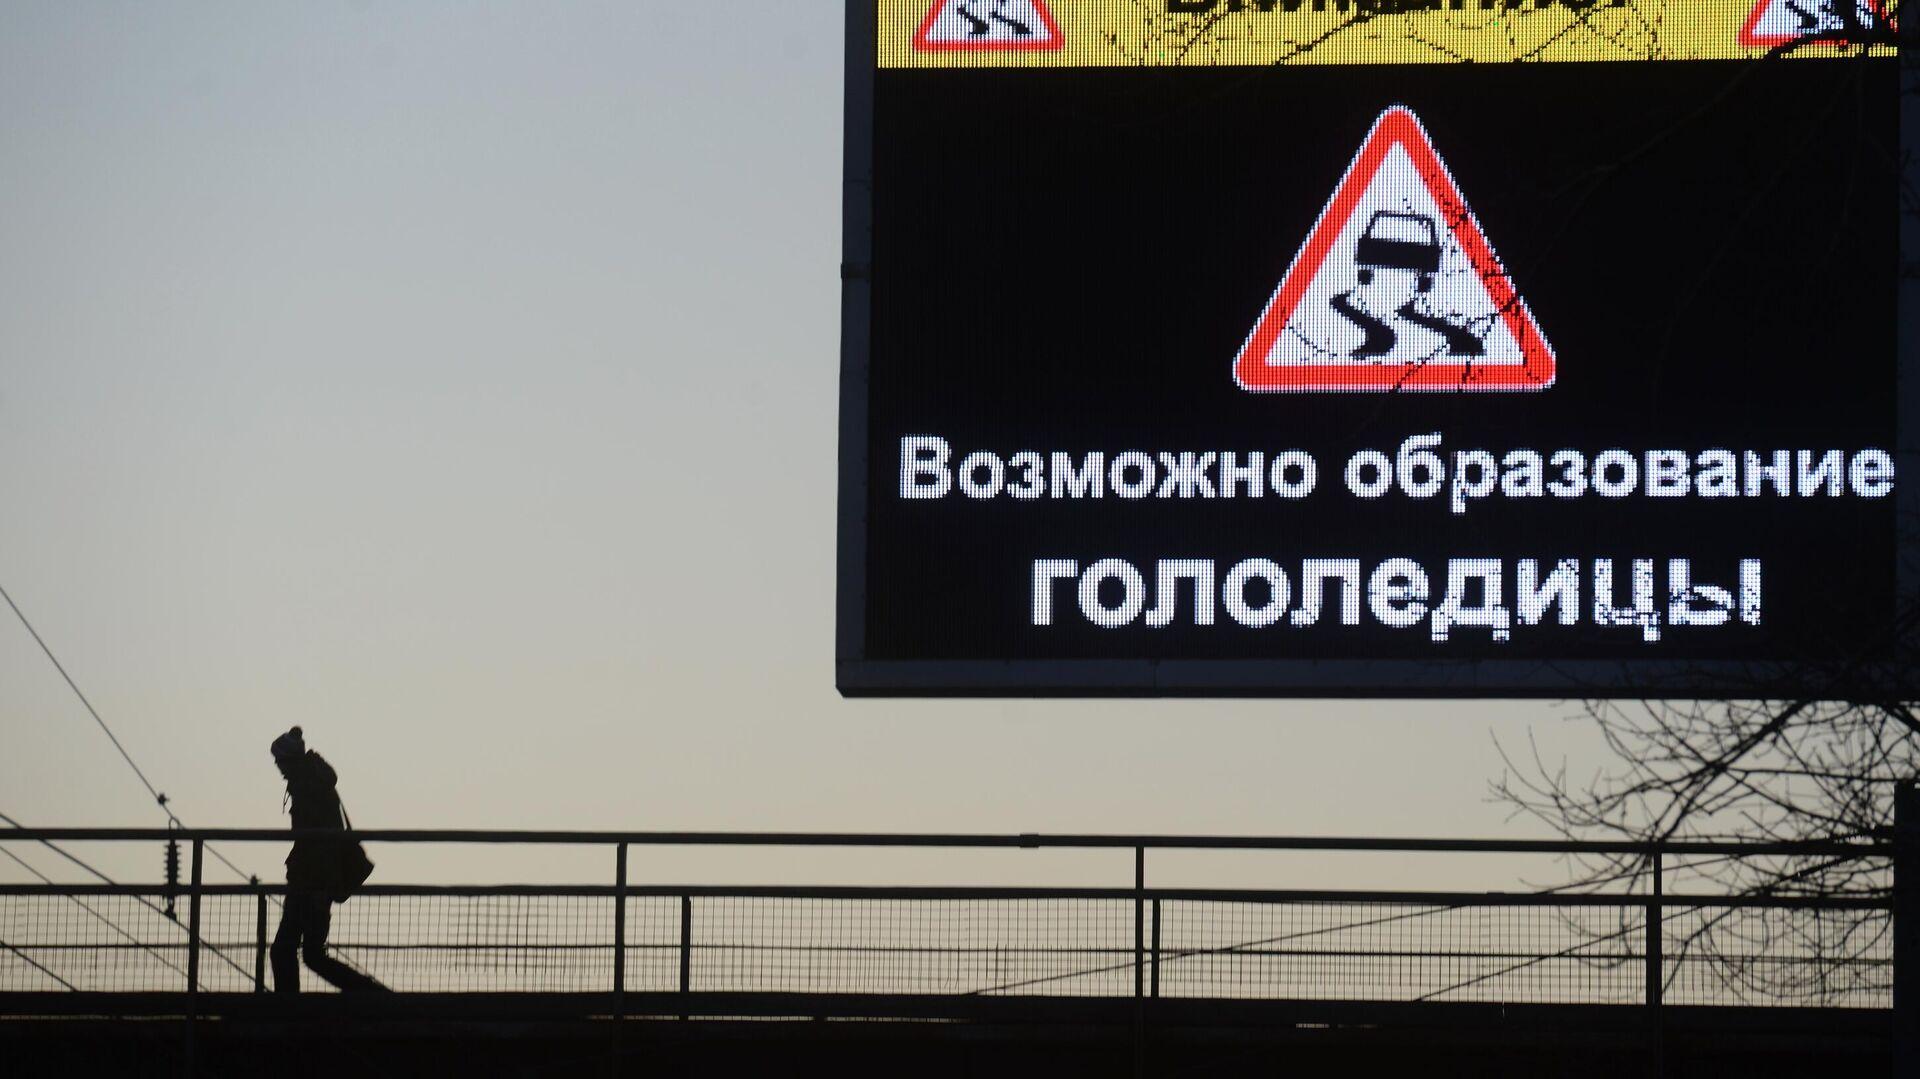 Информационный экран с предупреждением о гололедице - РИА Новости, 1920, 25.11.2020